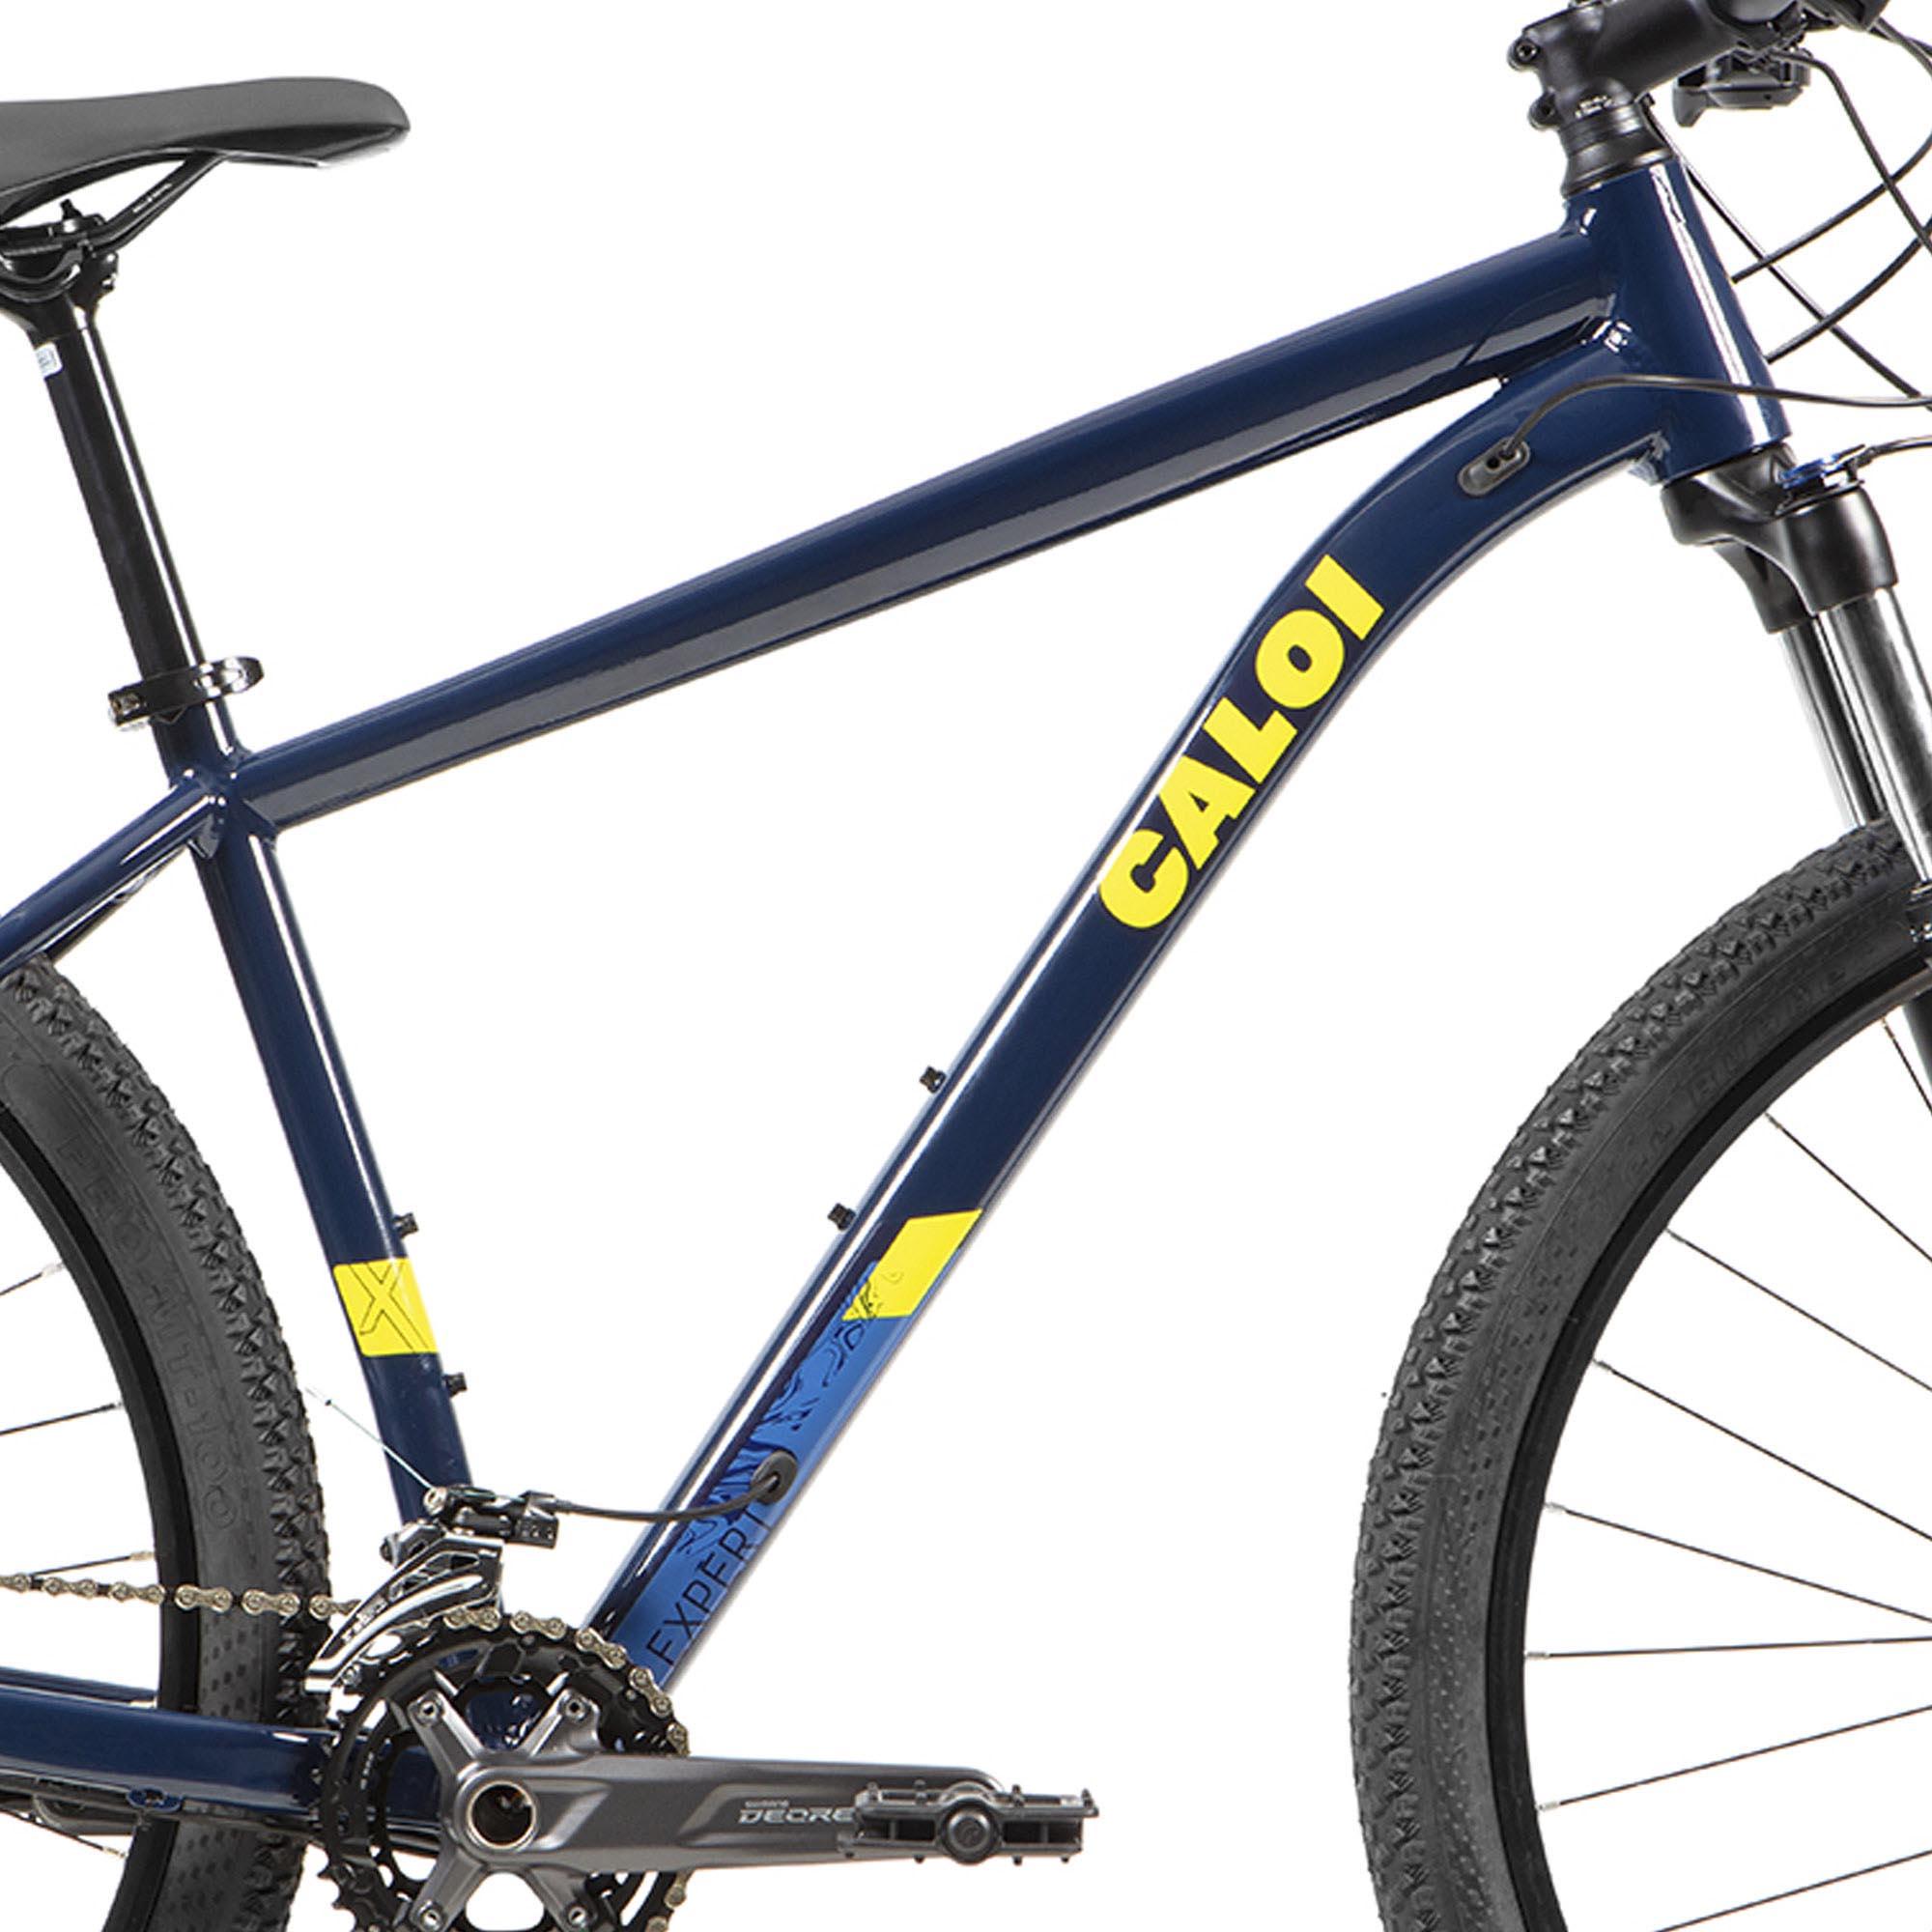 Bicicleta Aro 29 Caloi Explorer Expert, Suspensão Rock Shox Judy TK, Freio Shimano MT200